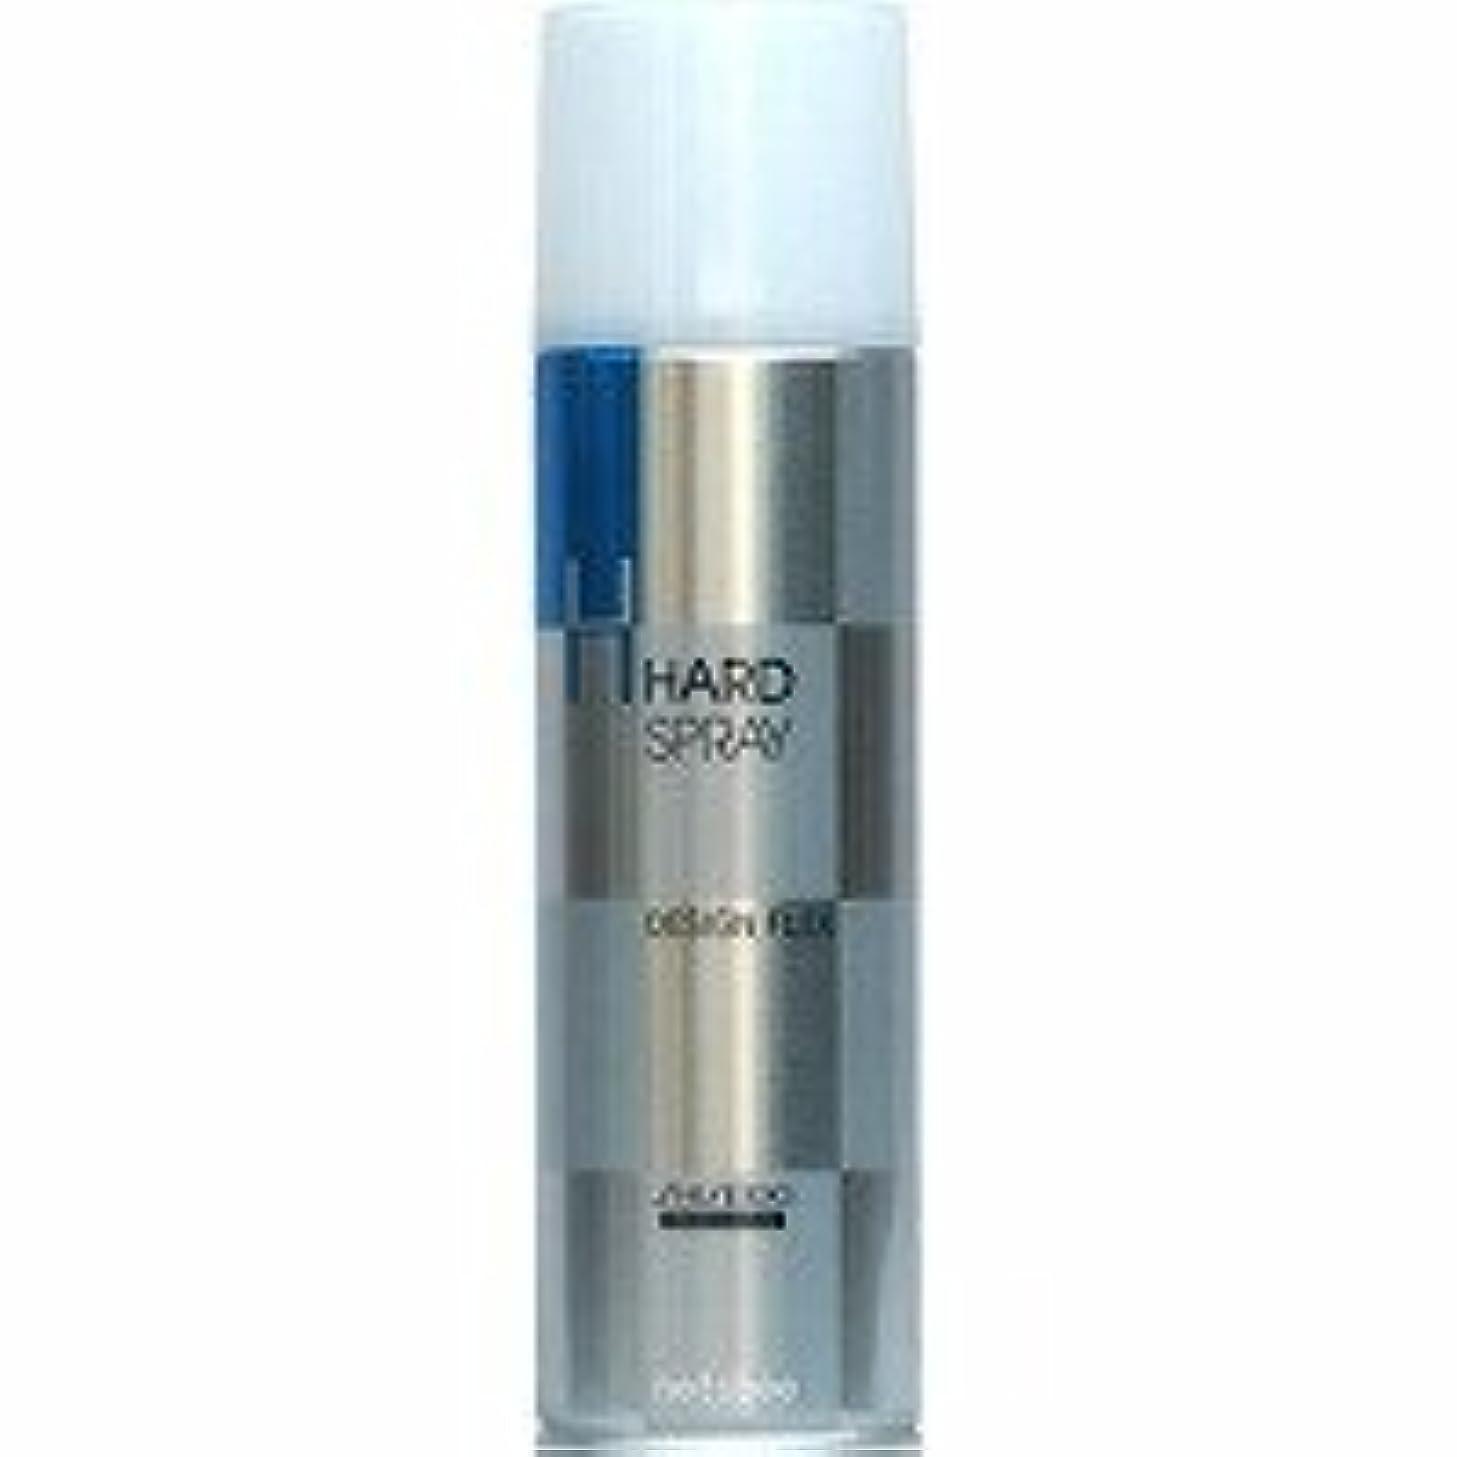 象悲劇カスタム【X3個セット】 資生堂プロフェッショナル デザインフレックス ハードスプレー 260g shiseido PROFESSIONAL